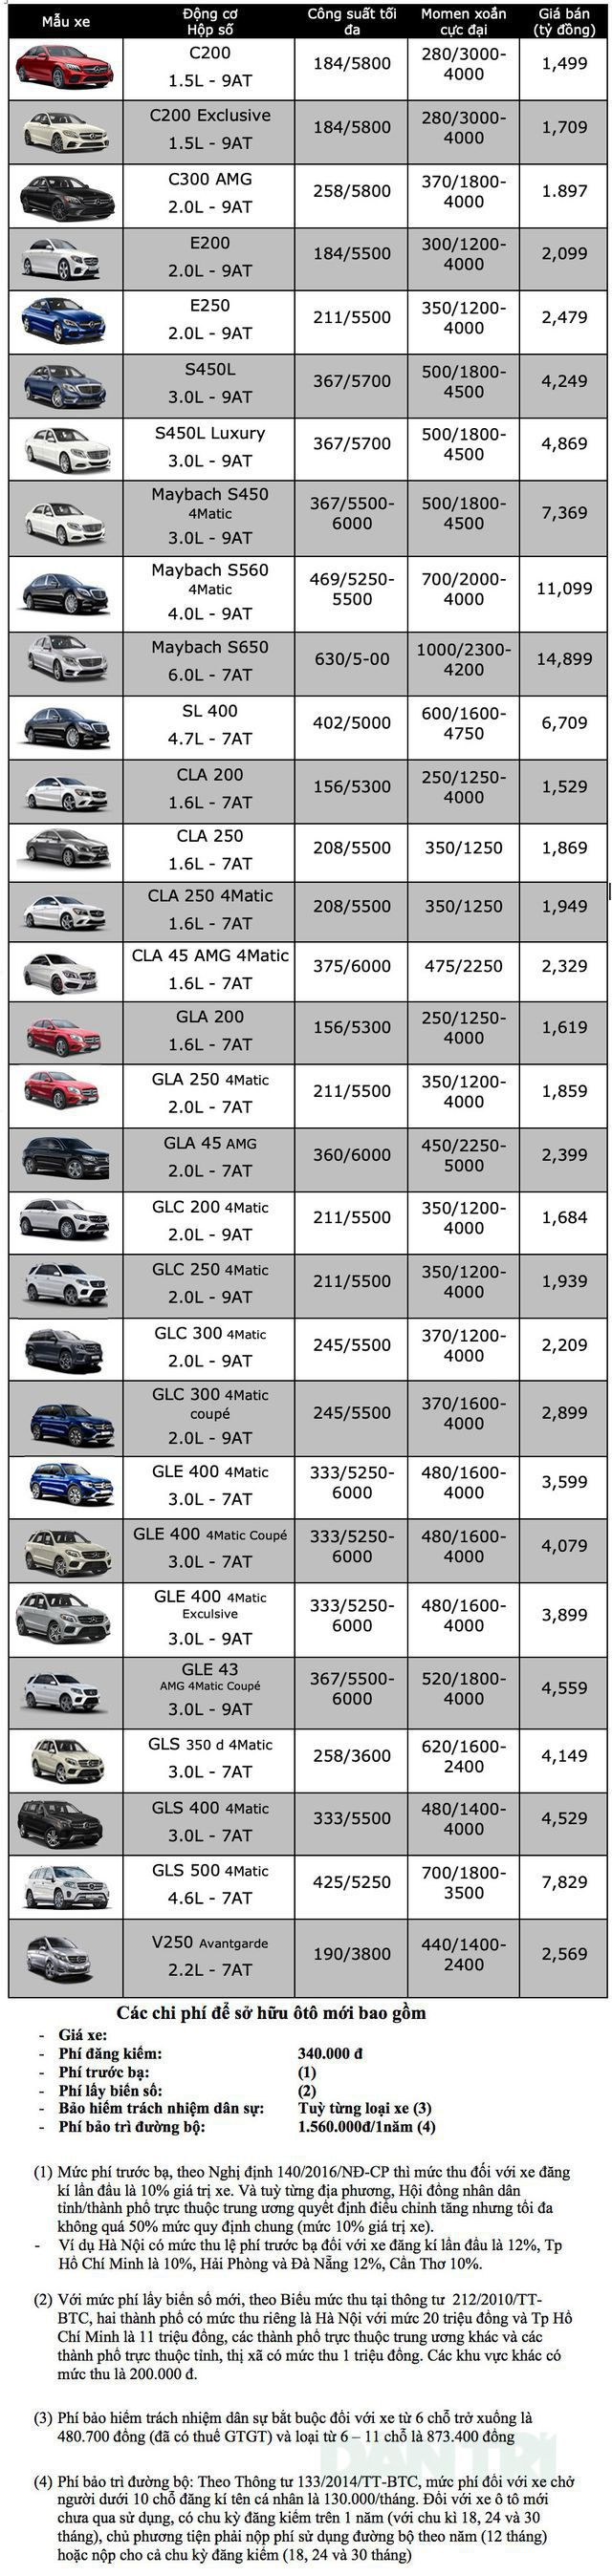 Bảng giá Mercedes-Benz tại Việt Nam cập nhật tháng 6/2019 - 1